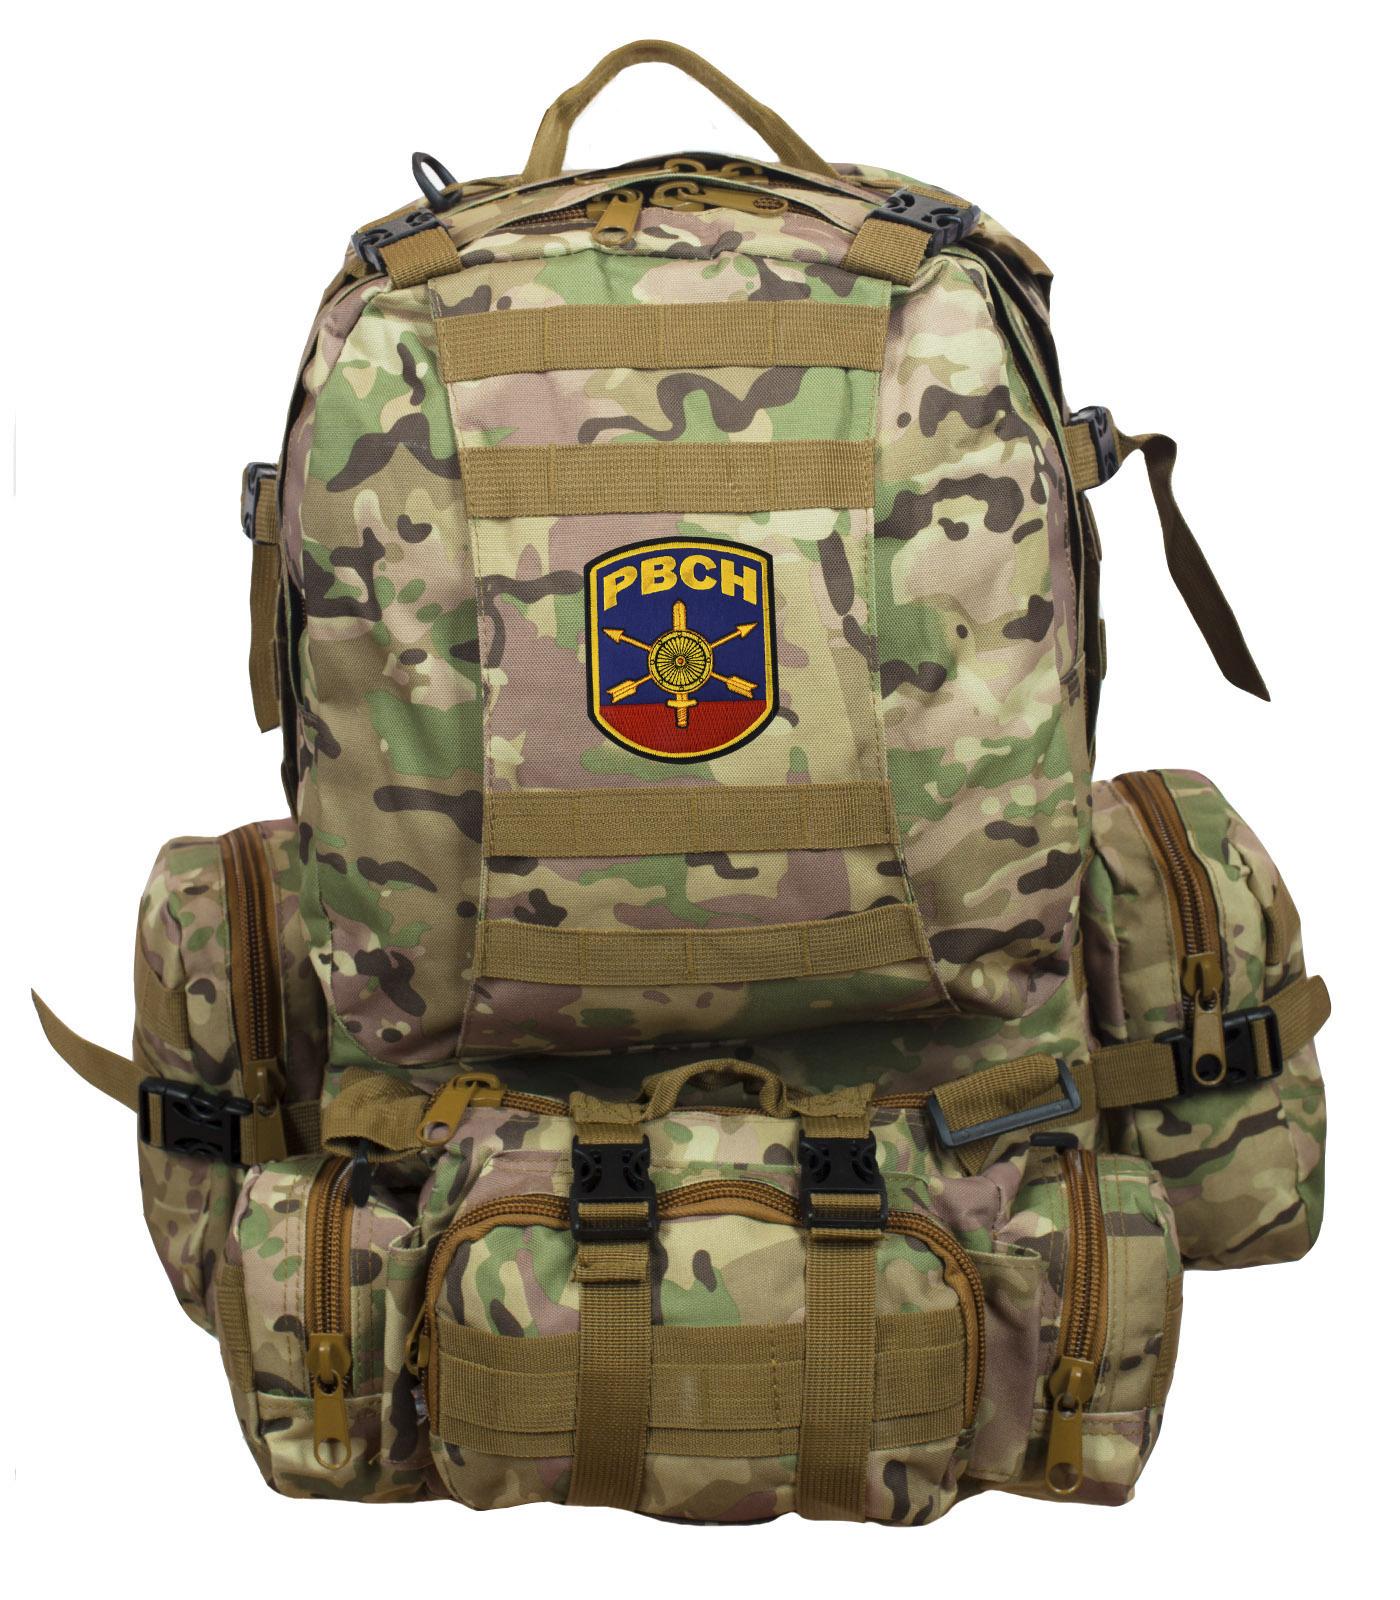 Рюкзак US Assault Pack Multicam с эмблемой РВСН - купить в подарок